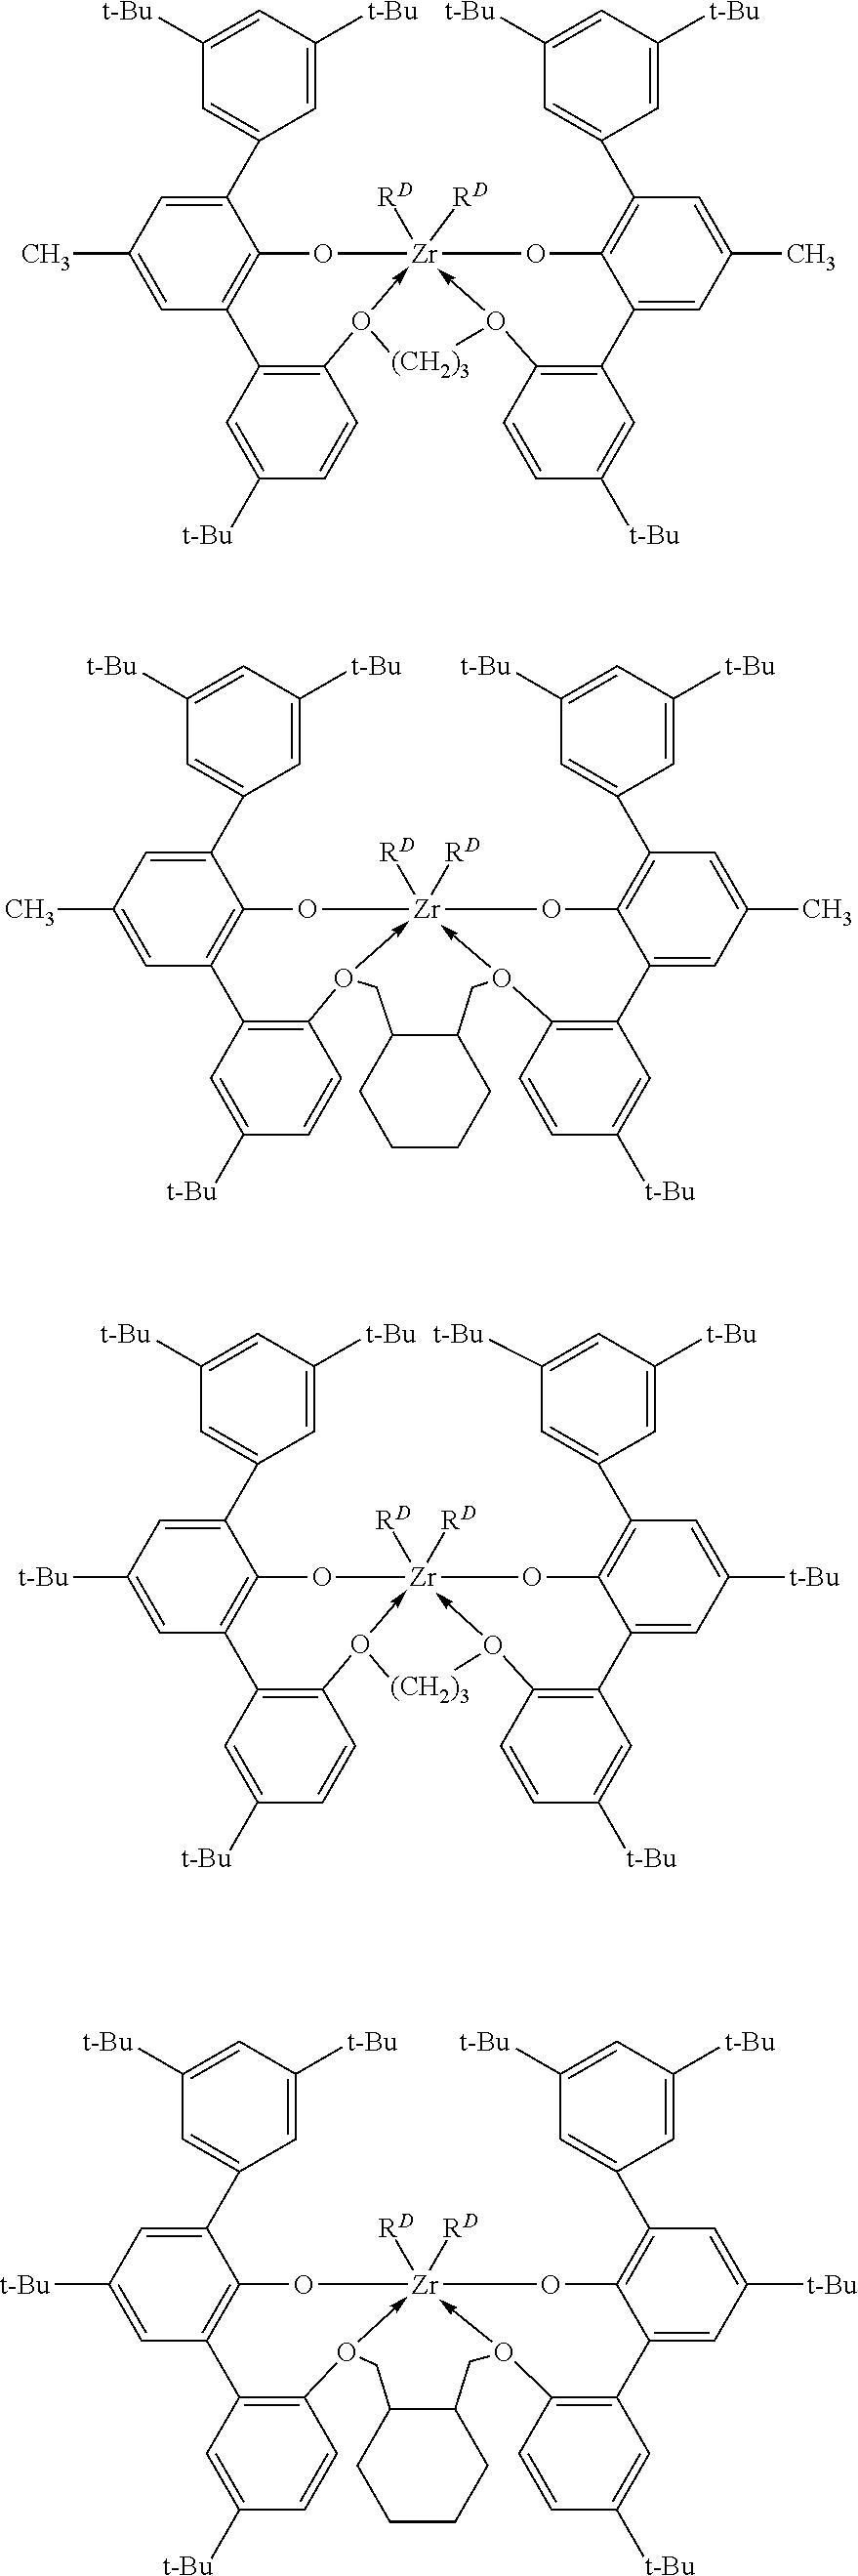 Figure US08450438-20130528-C00005